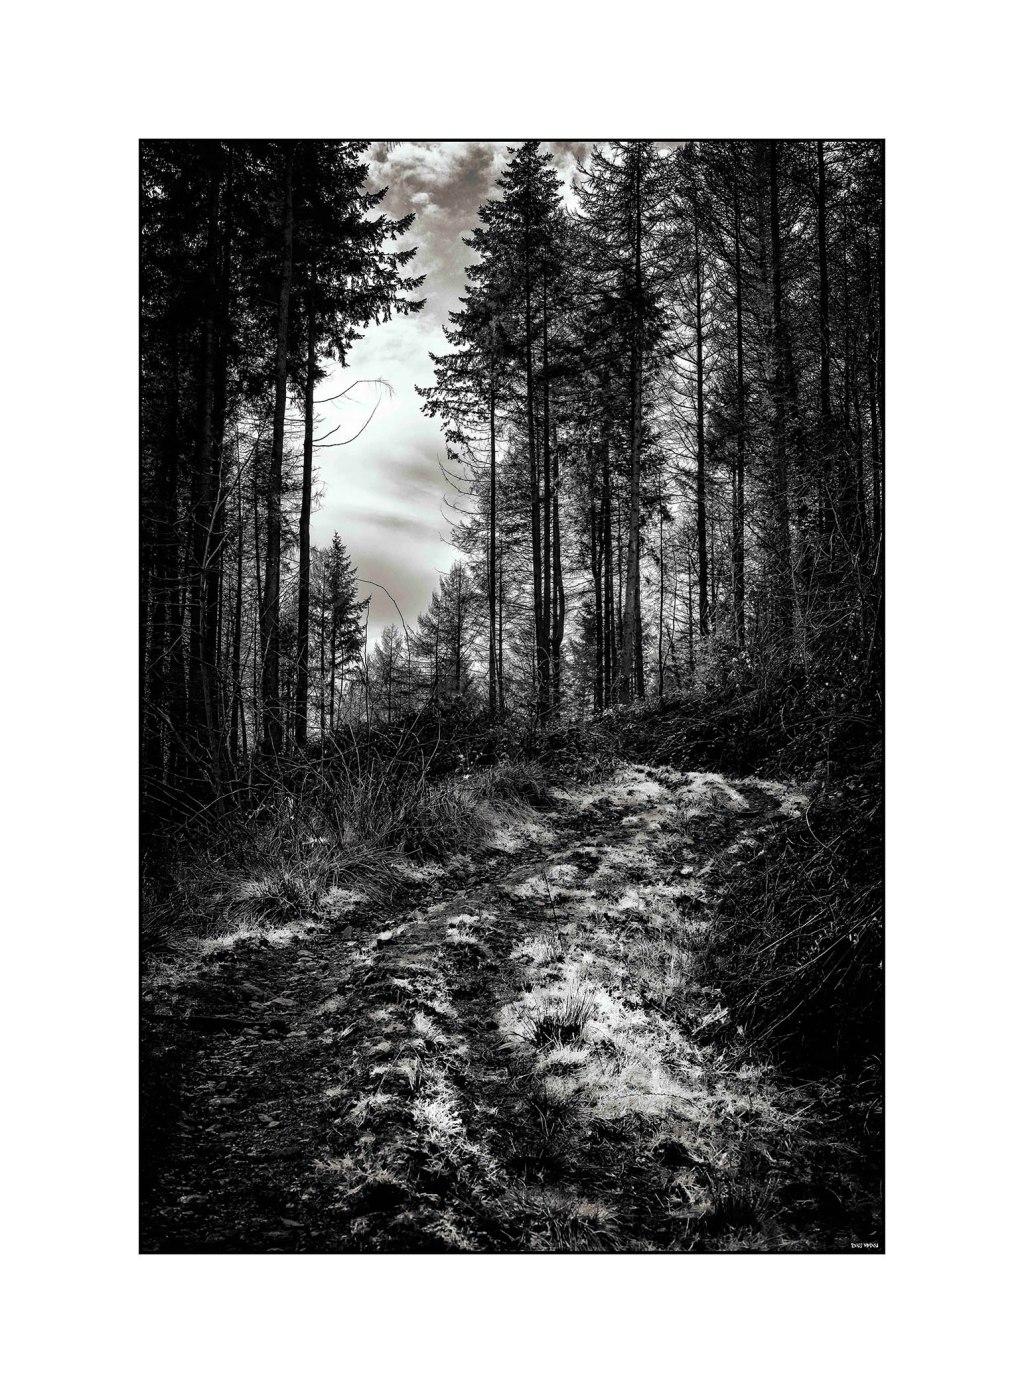 Llwyn Celyn Forest - Cardiff 2016 low srgb